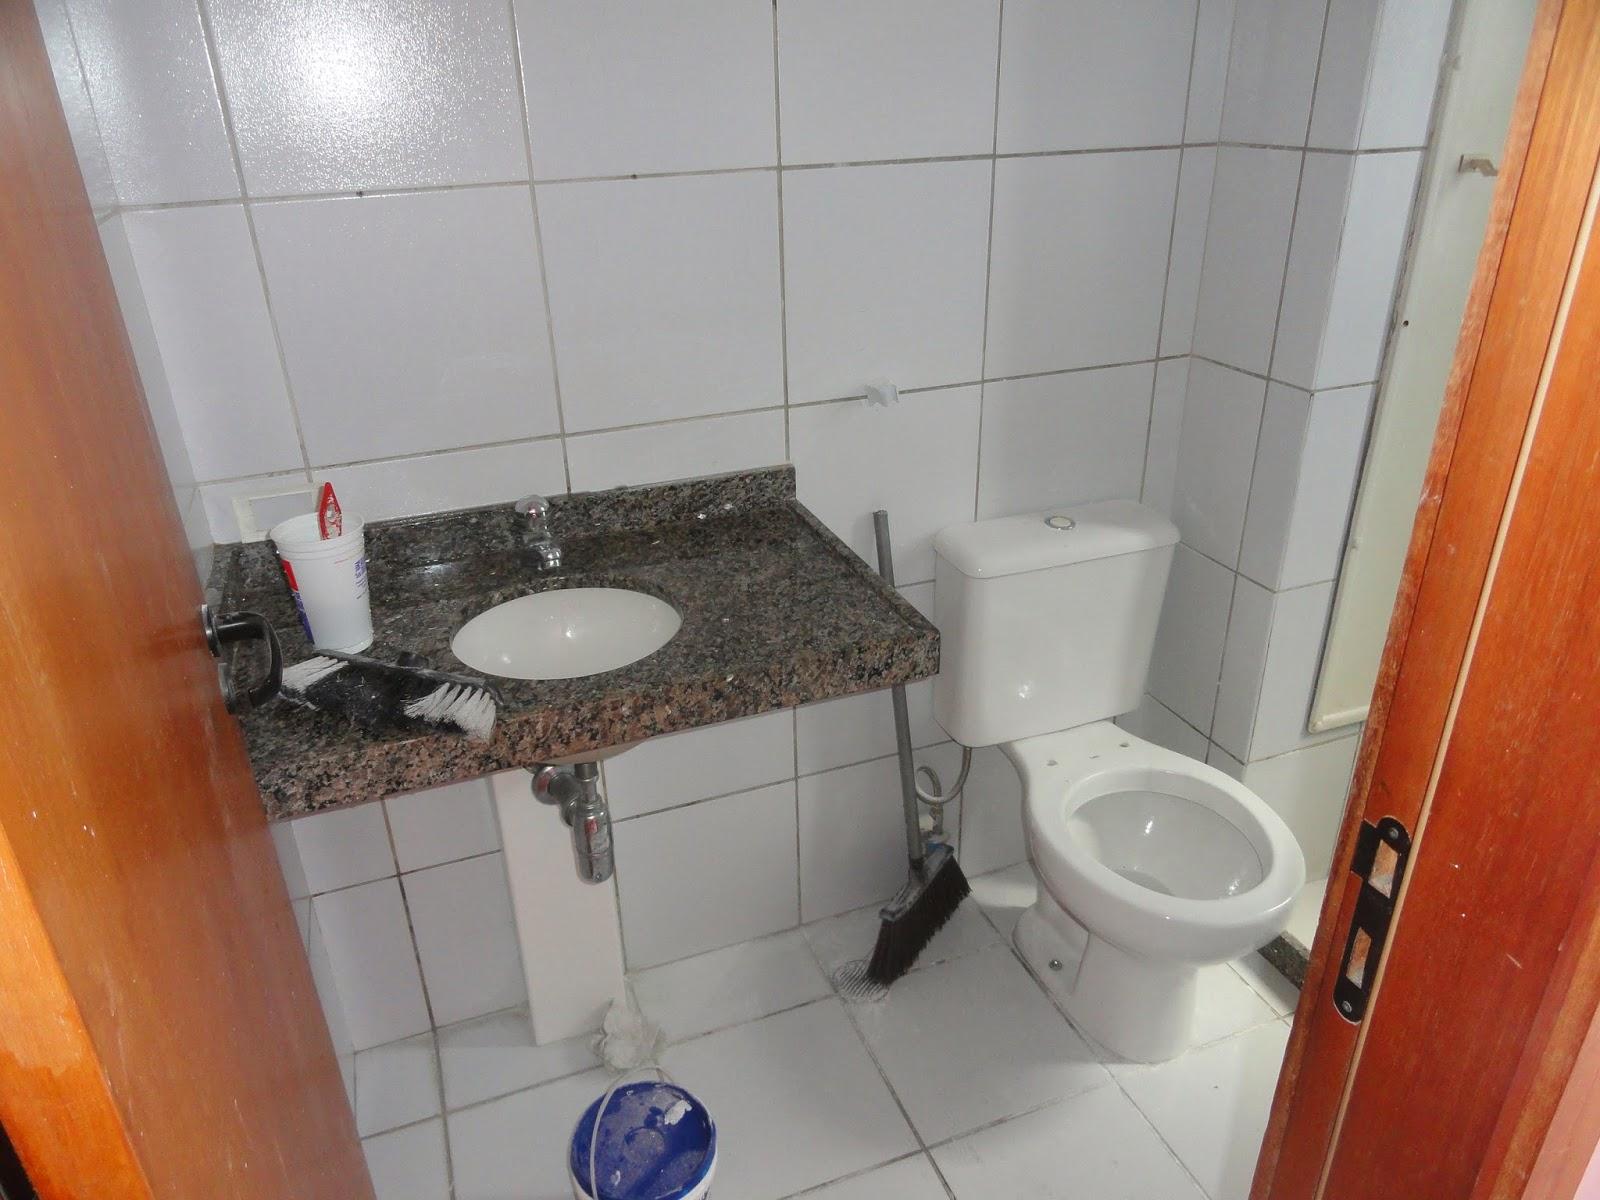 EU DECORO: Reforma Banheiro Suite: ANTES E DEPOIS #AF471C 1600 1200